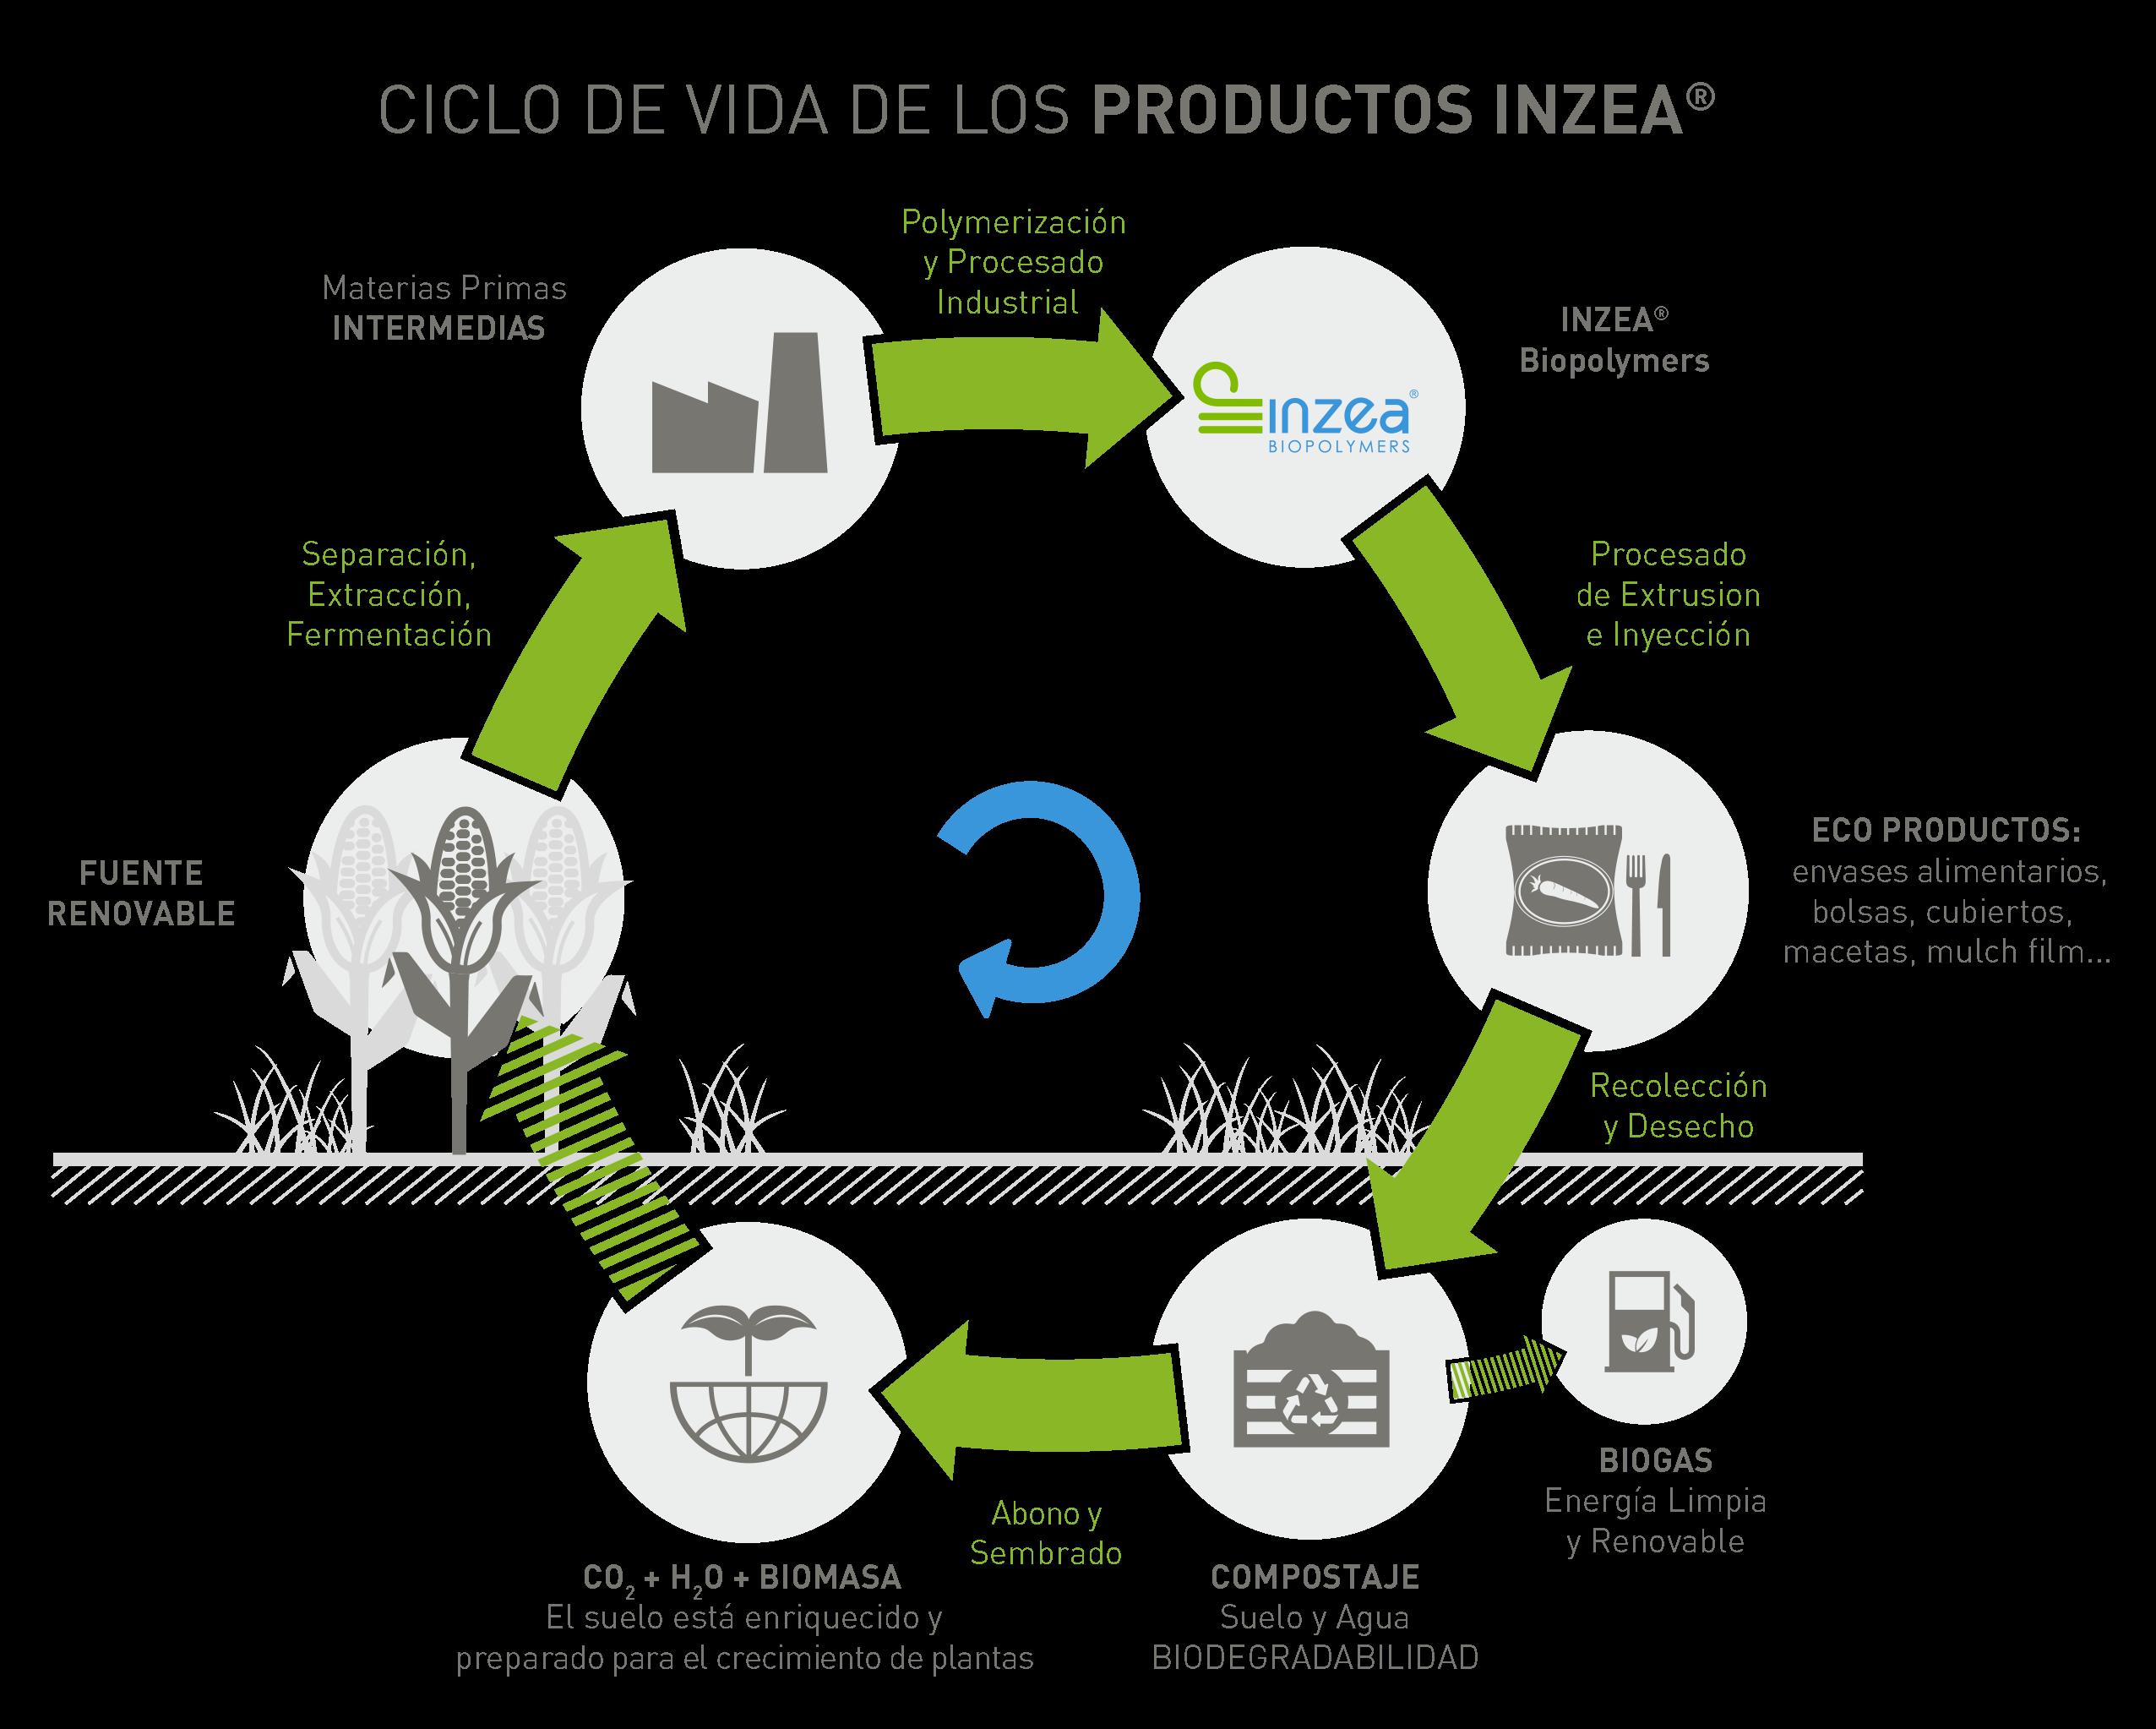 INZEA ciclo de vida, compostaje industrial o doméstico.